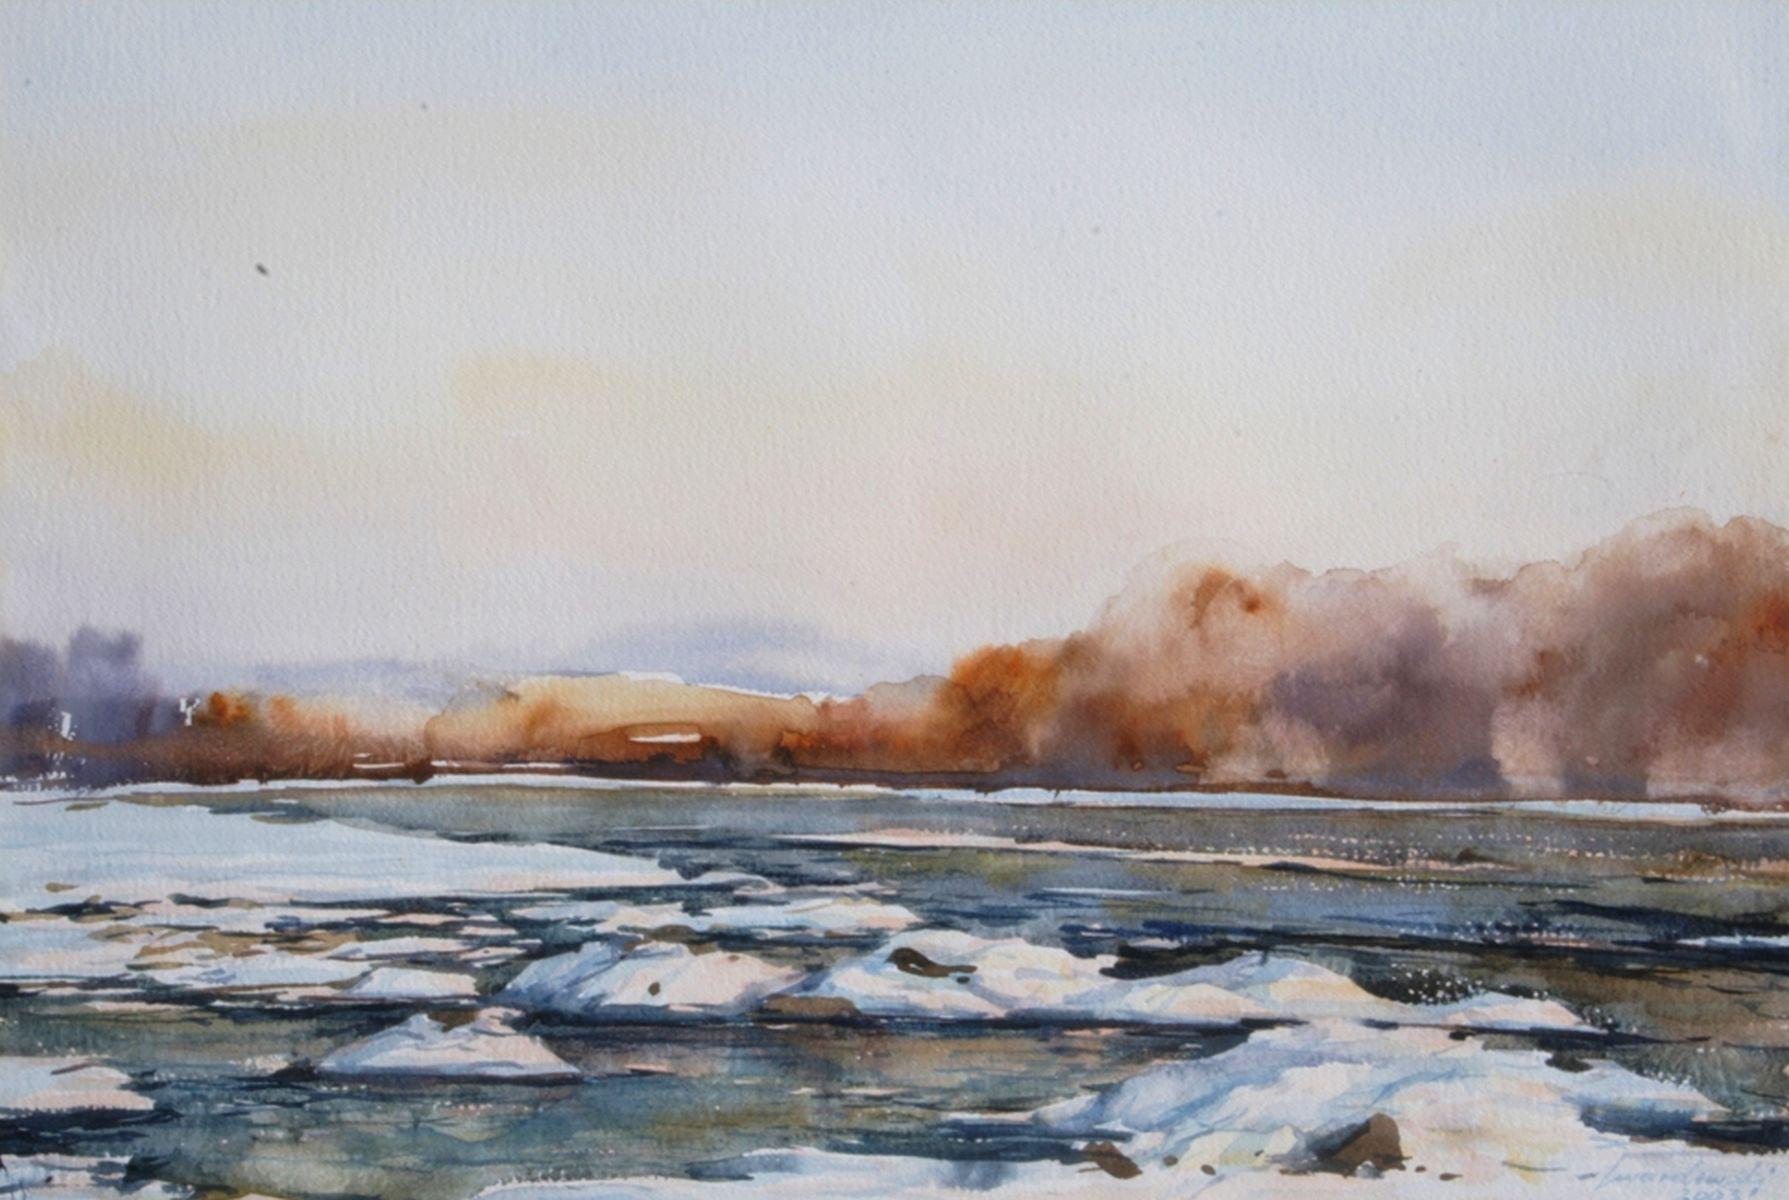 Mroźny dzień nad Dunajcem. 70x50 cm.  Kazimierz Twardowski